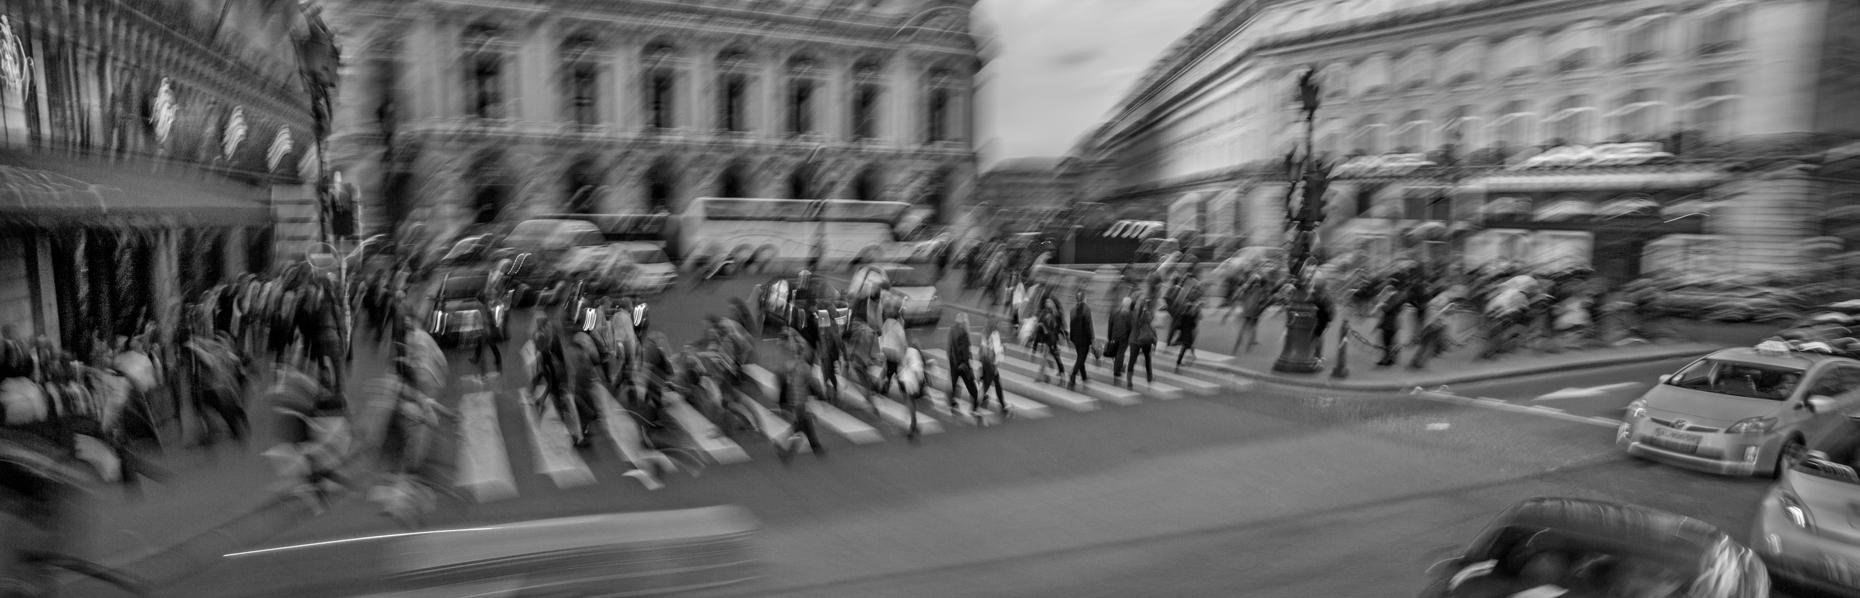 PARIS.STREETS.jpg